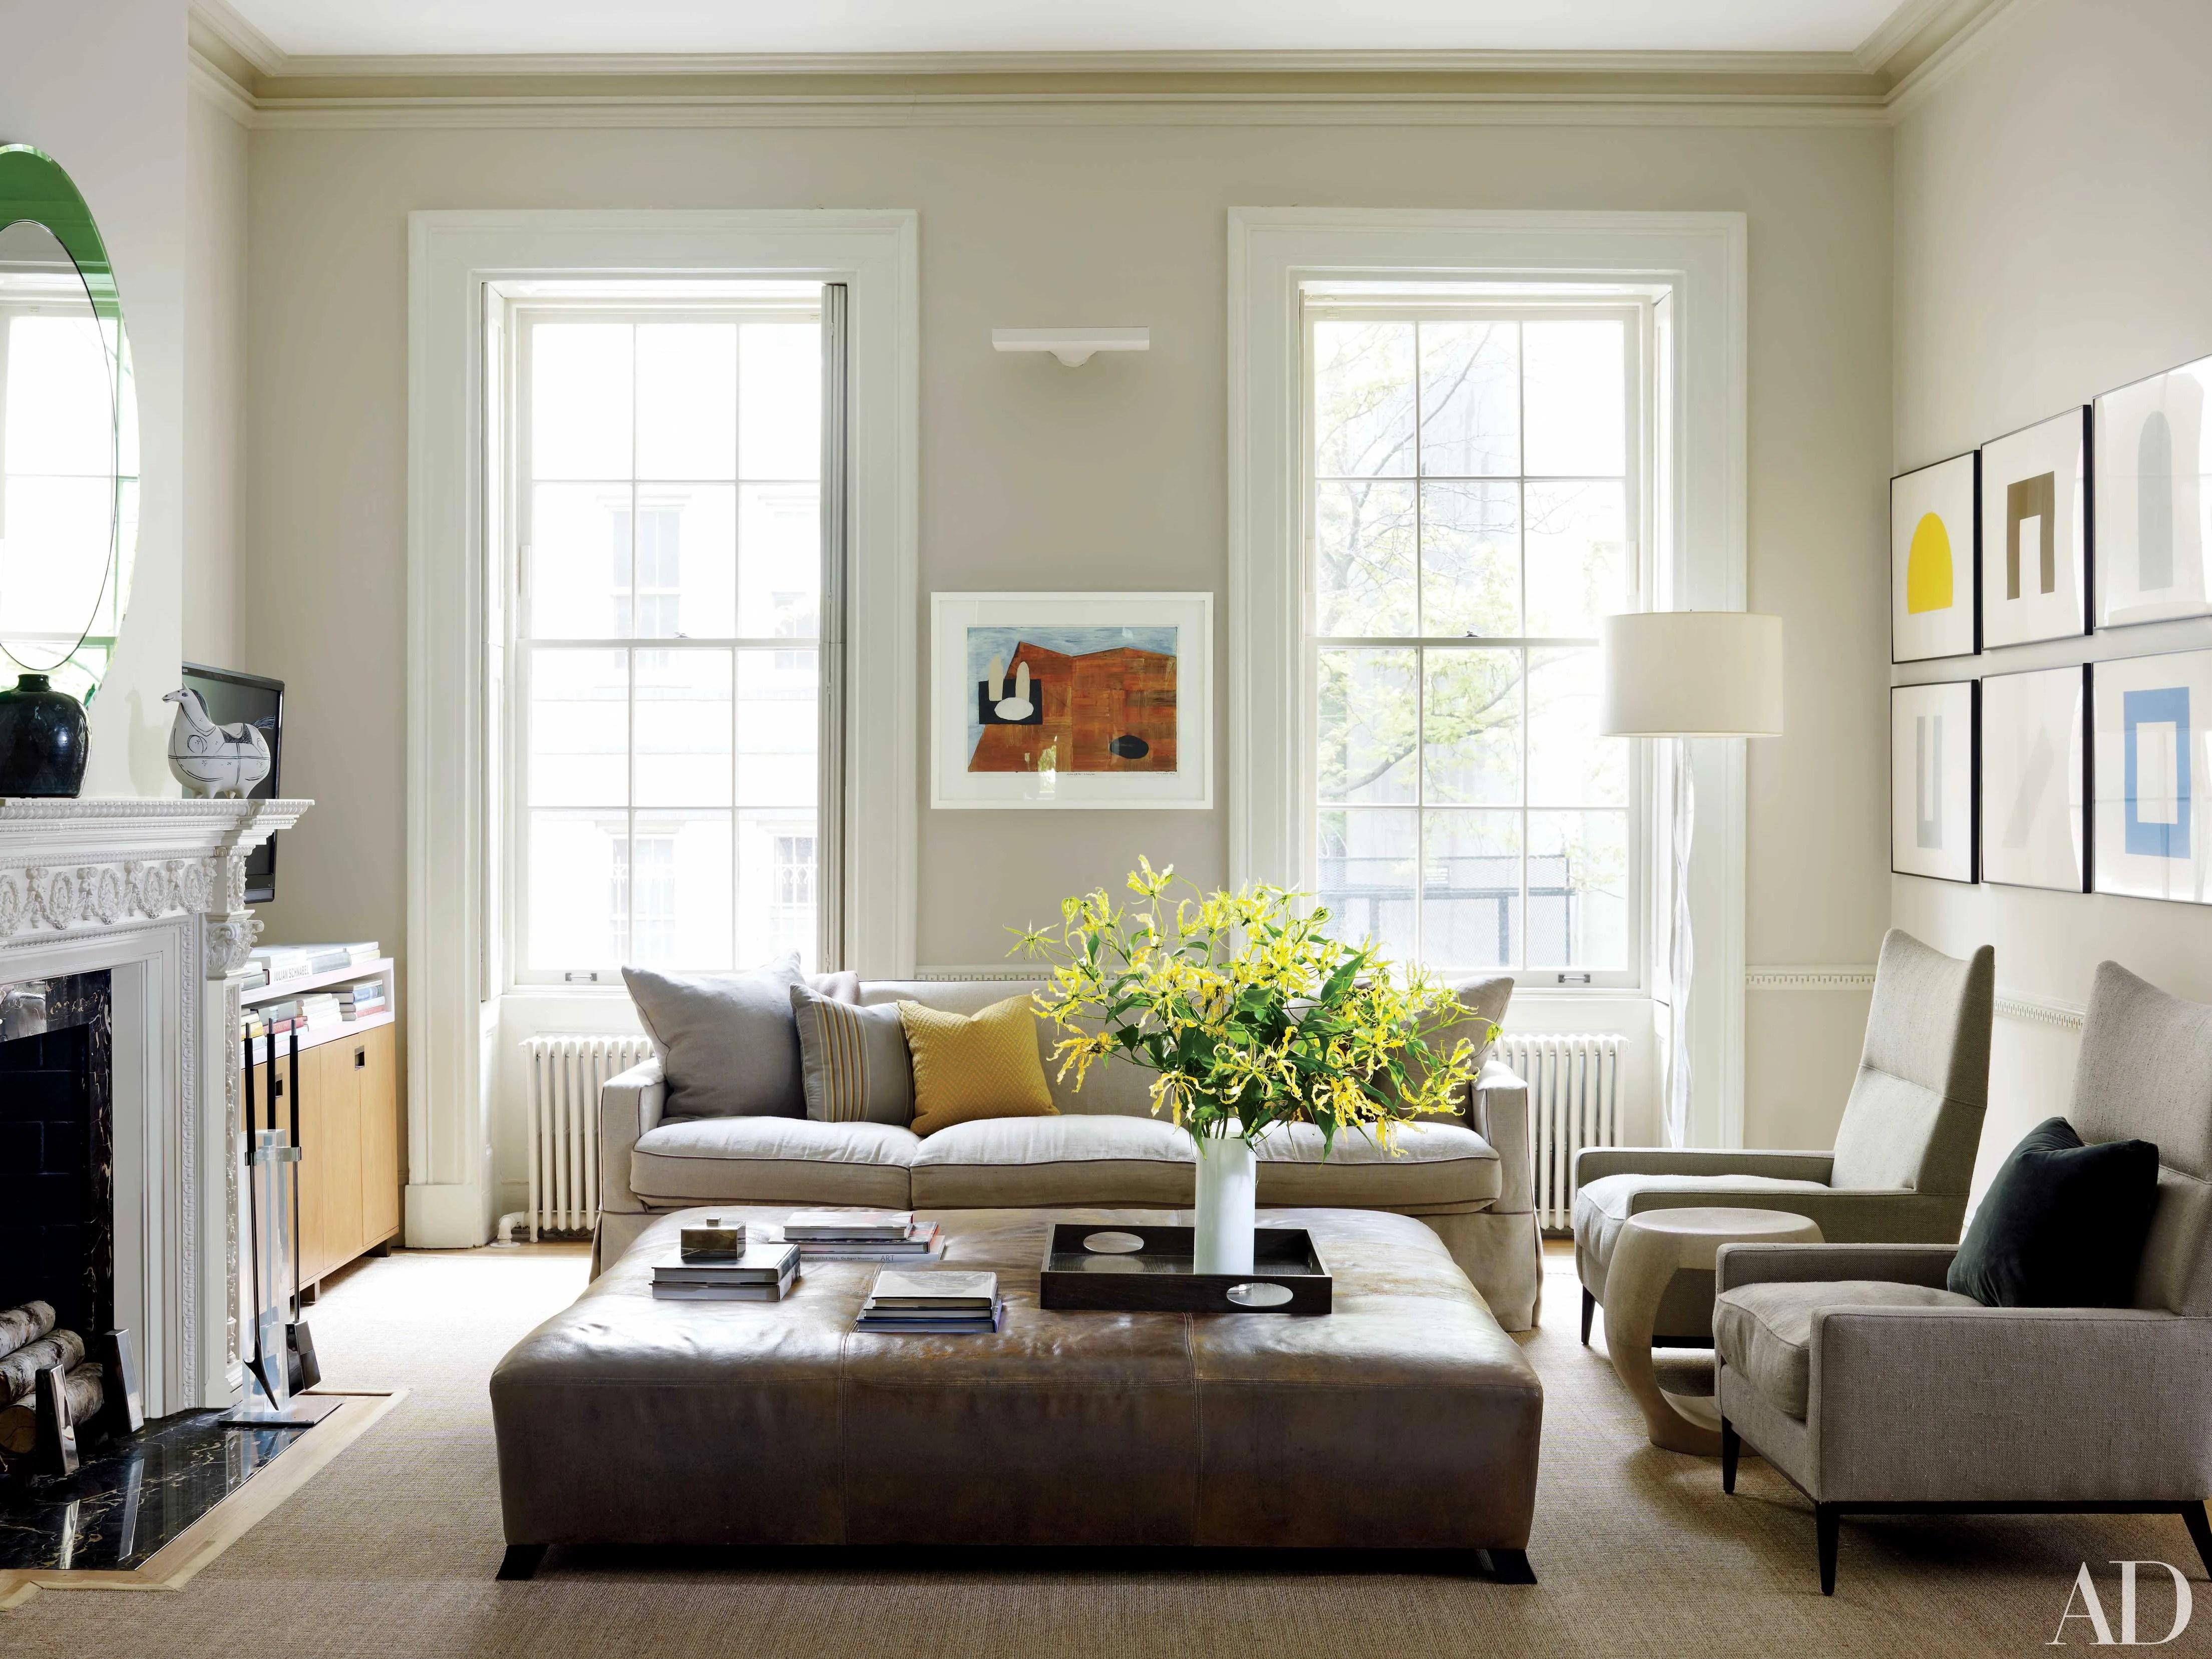 Fullsize Of Idea For Home Decor